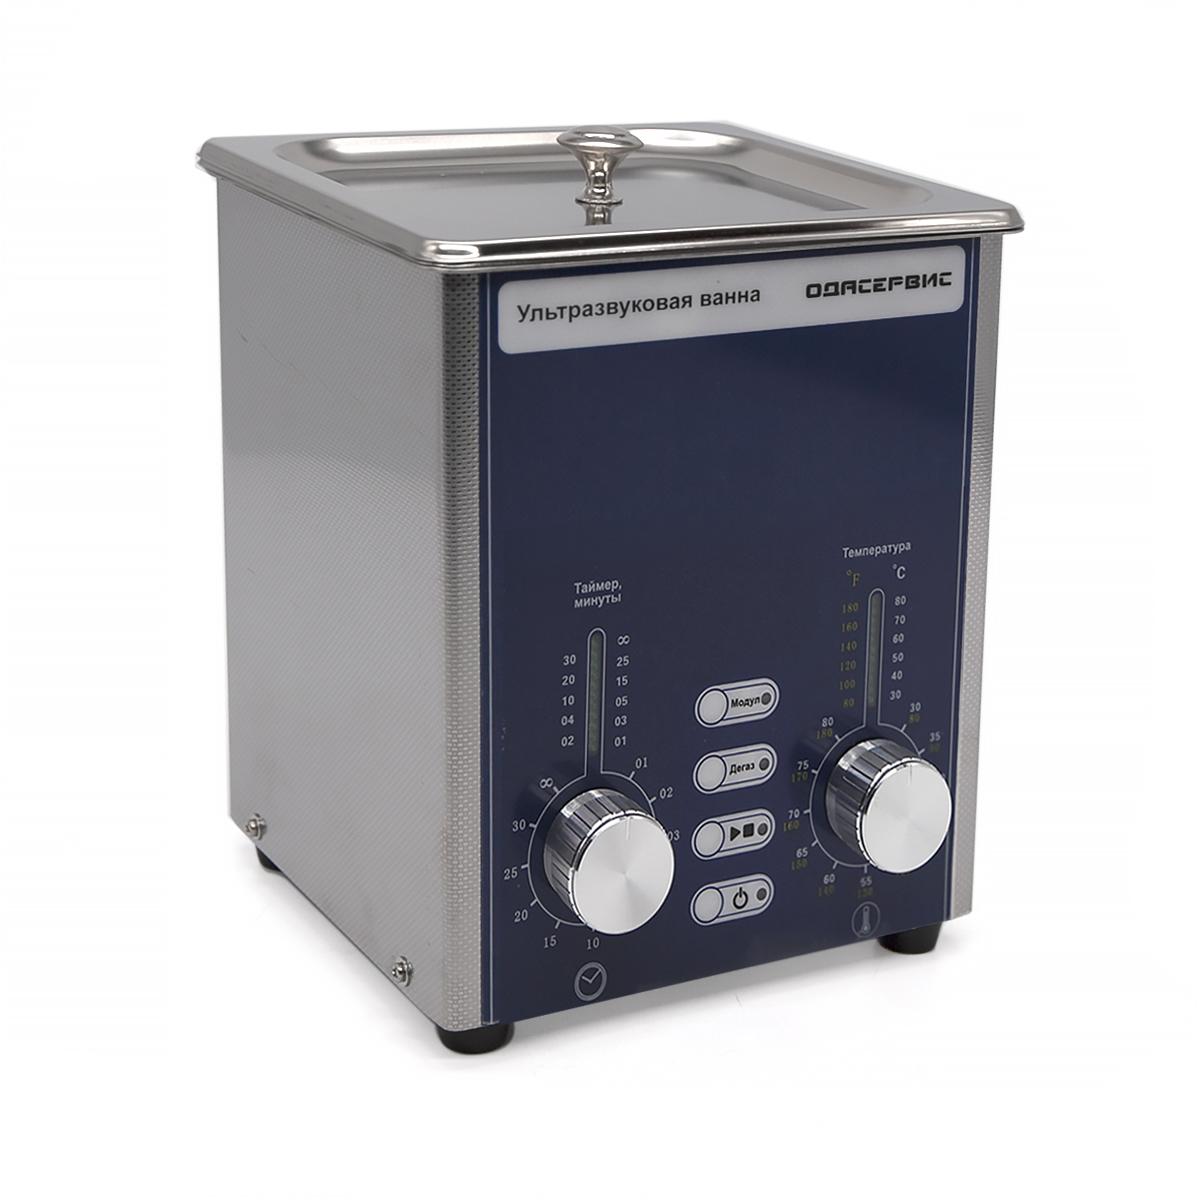 Ультразвуковая ванна с аналоговым управлением, подогревом, дегазацией и модуляцией 2 л ОДА...